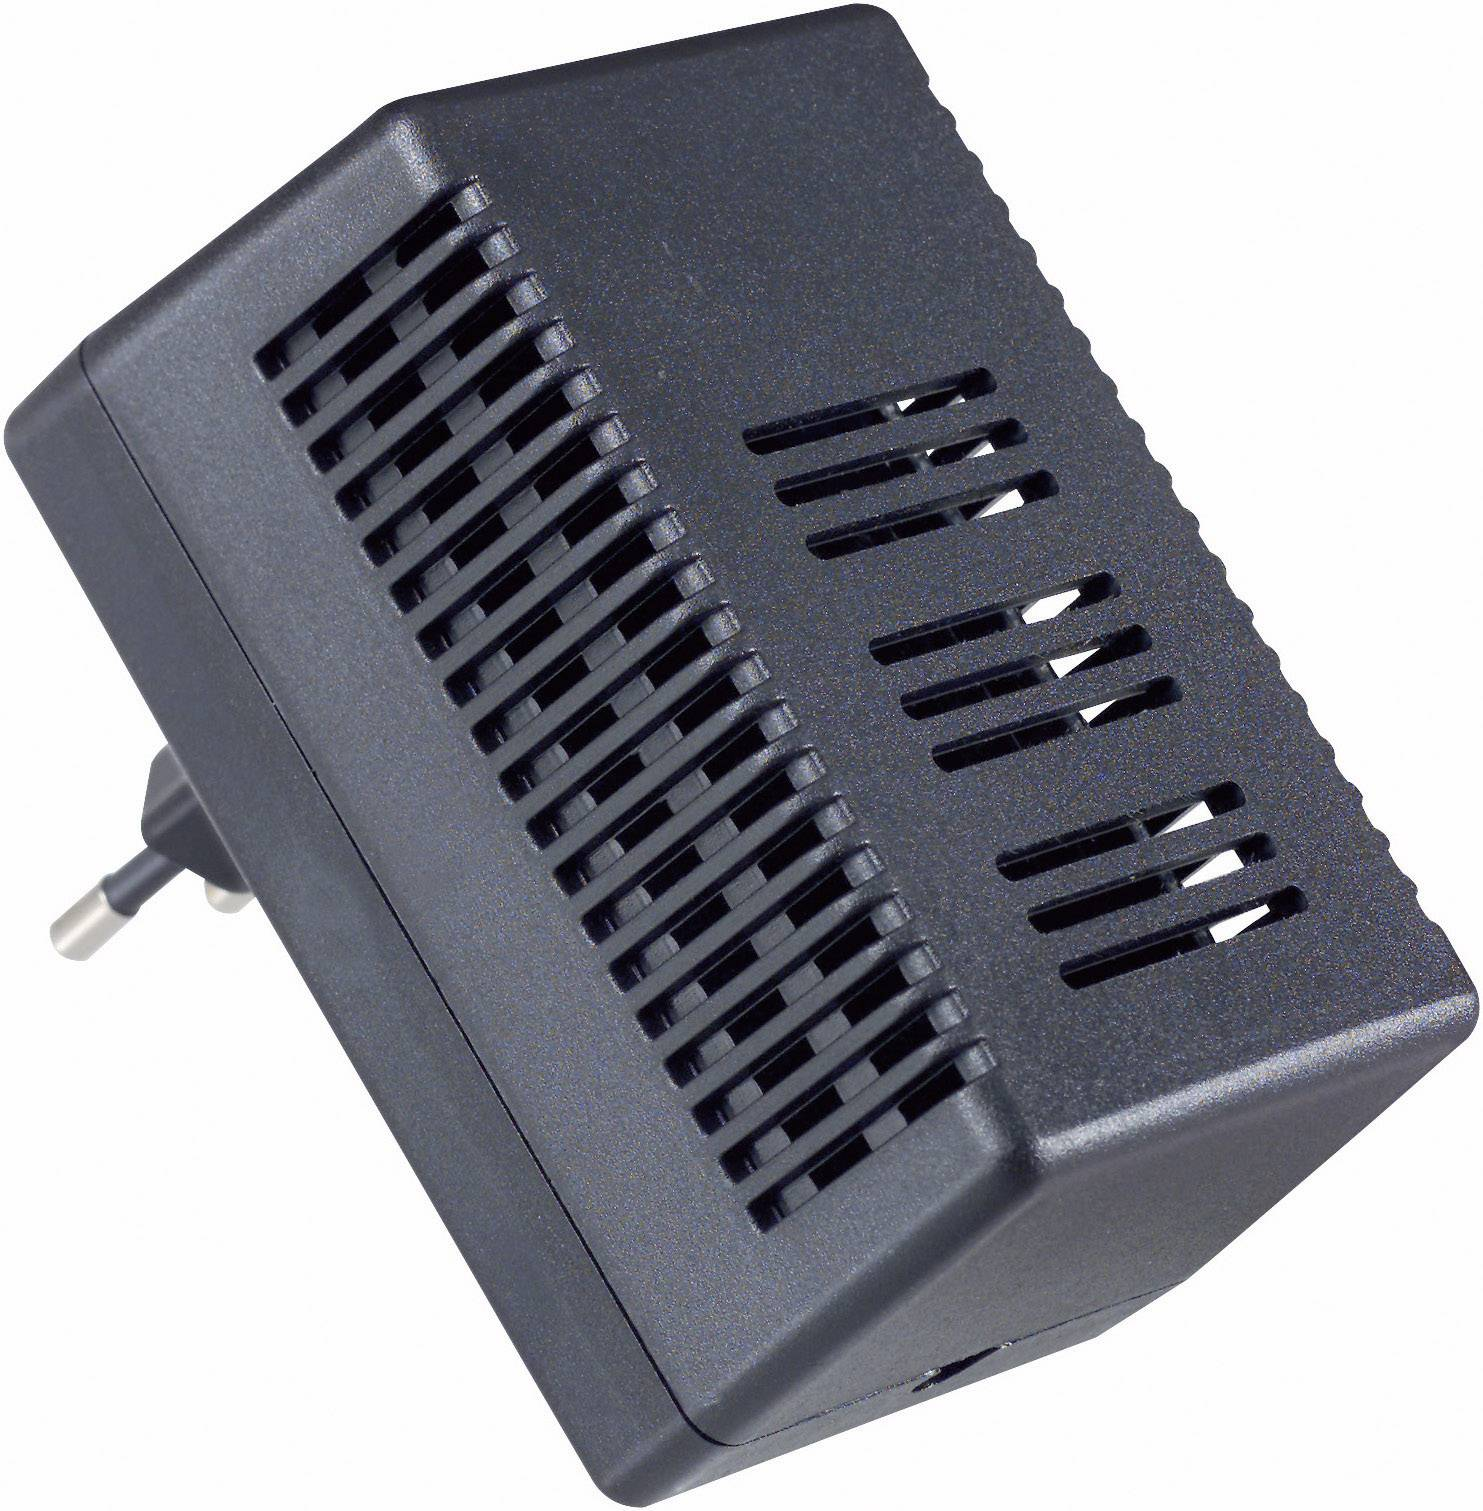 Pouzdro zástrčky TRU COMPONENTS TC-SG 951 SW203, ABS, 95 x 63 x 49 , černá, 1 ks